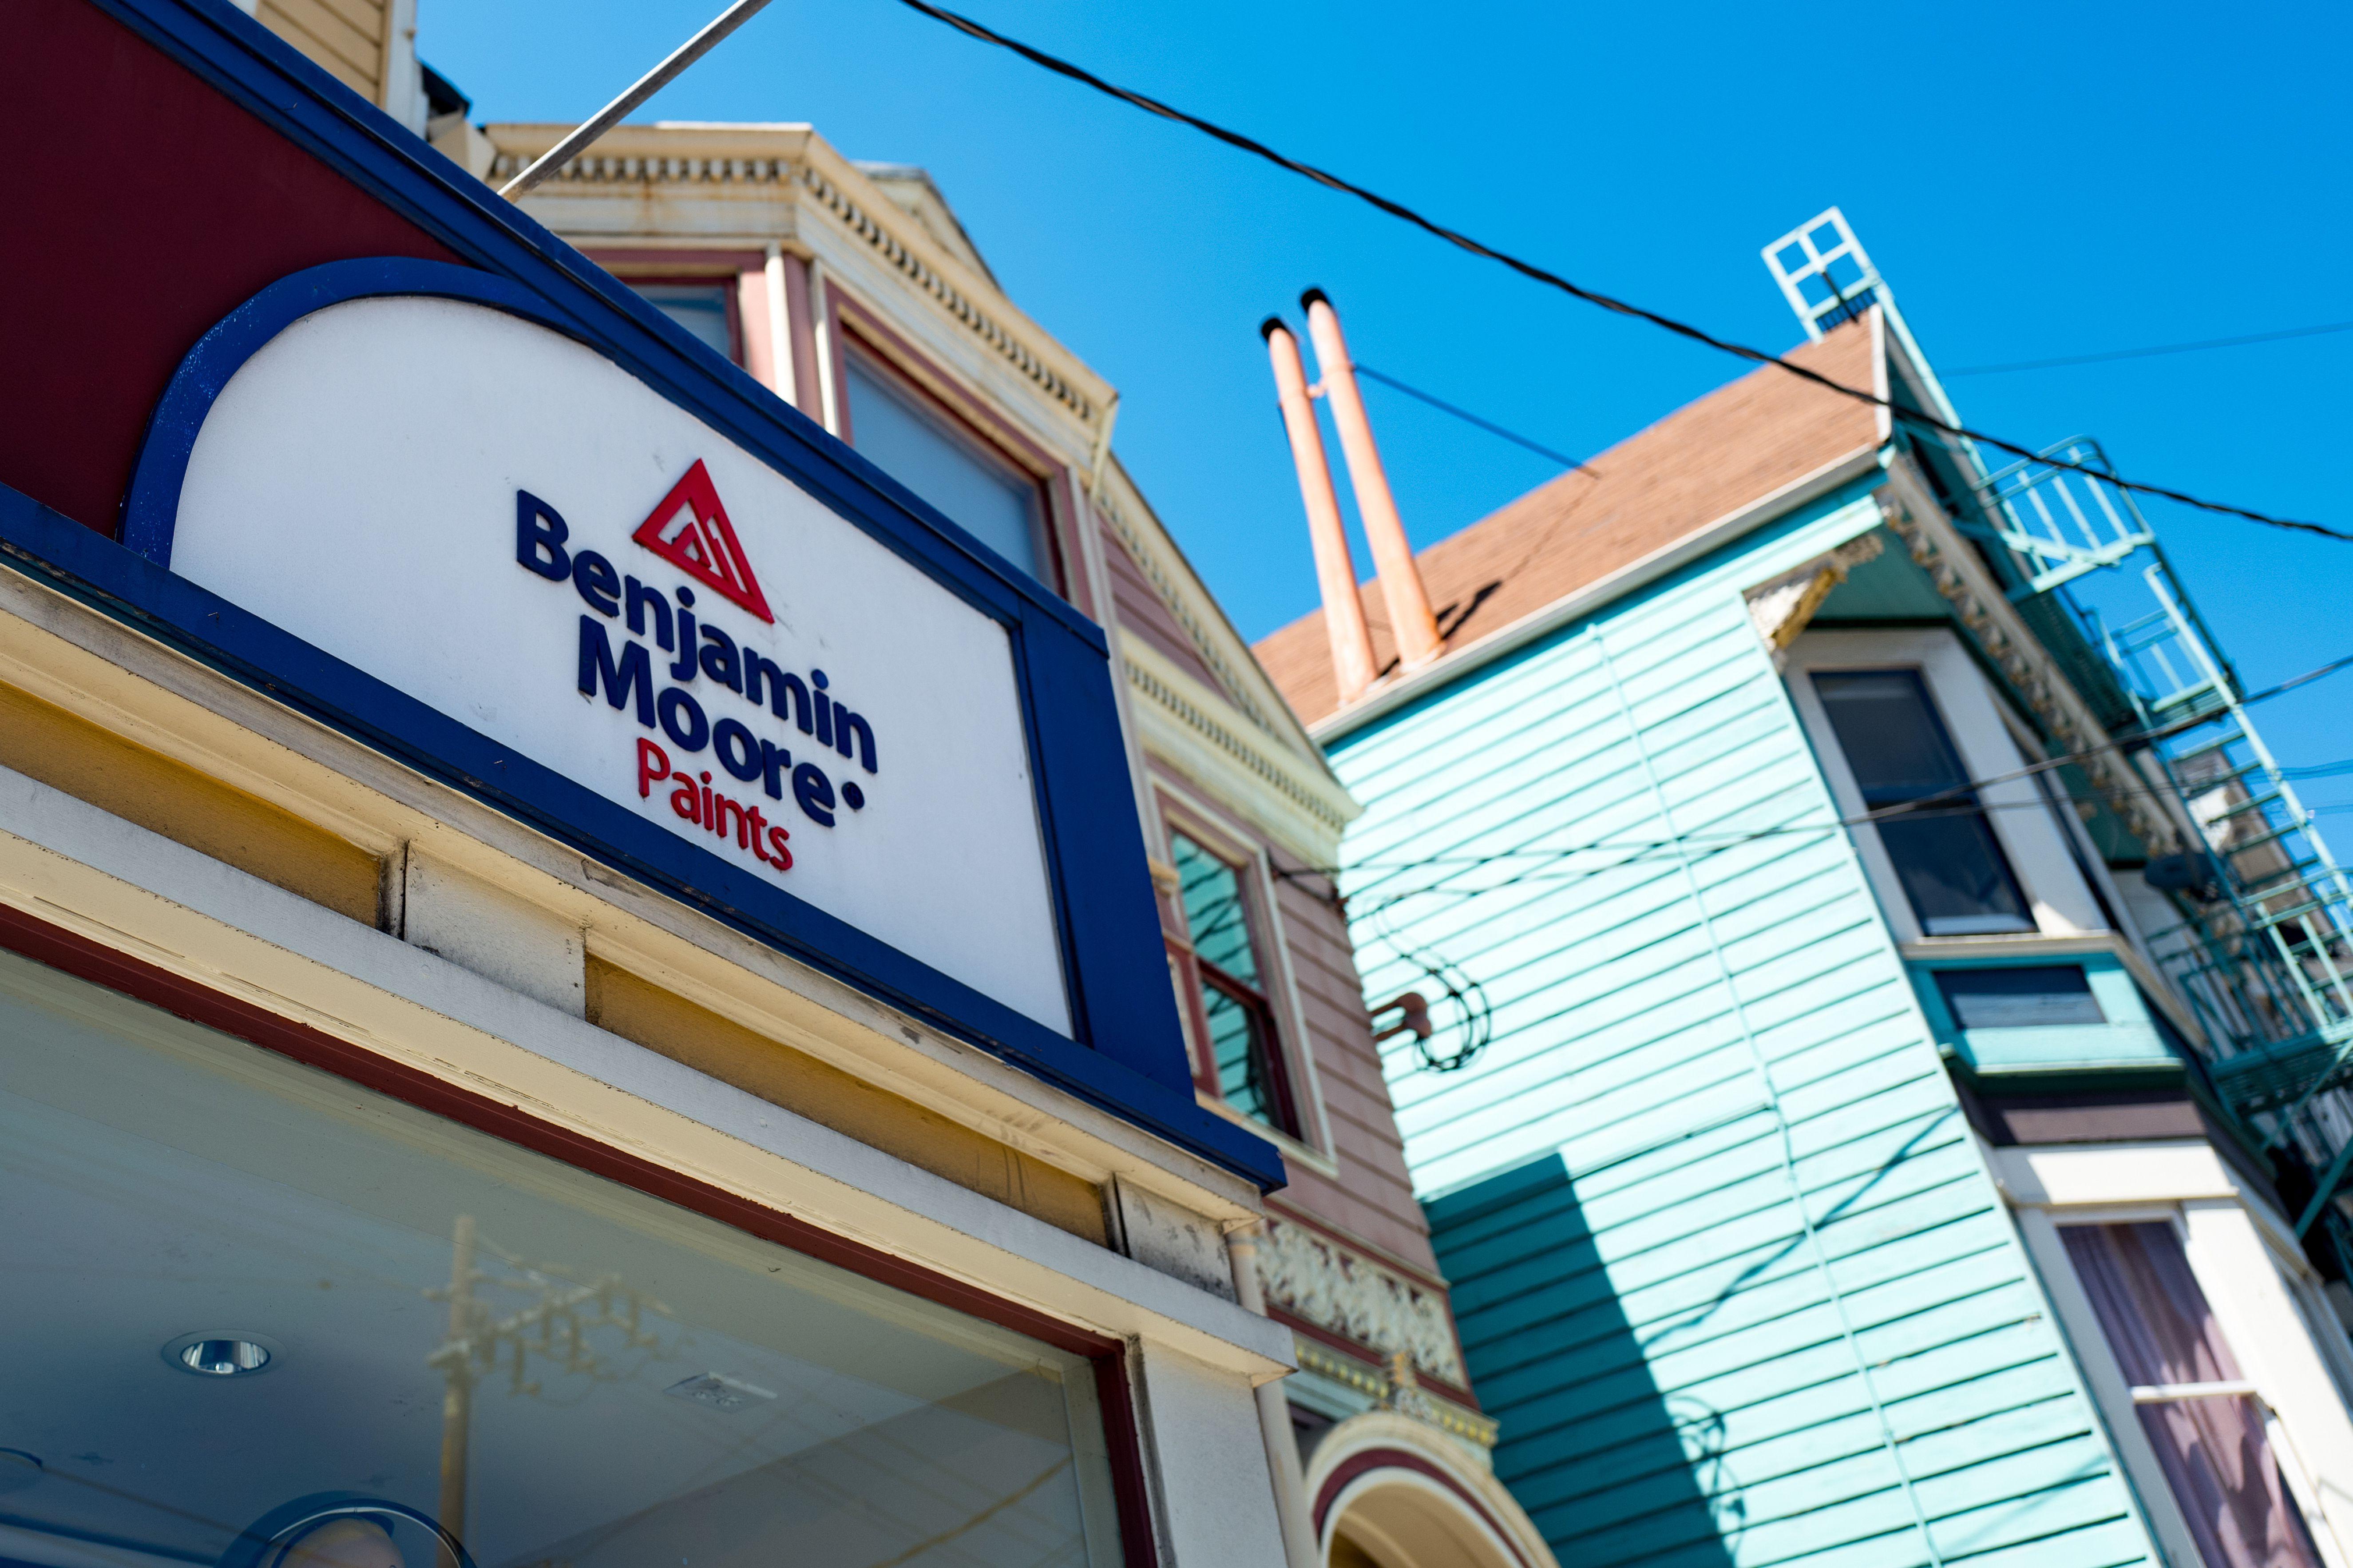 Beschilderung für Benjamin Moore Farbenladen, mit hell gestrichenem Haus im viktorianischen Stil im Hintergrund